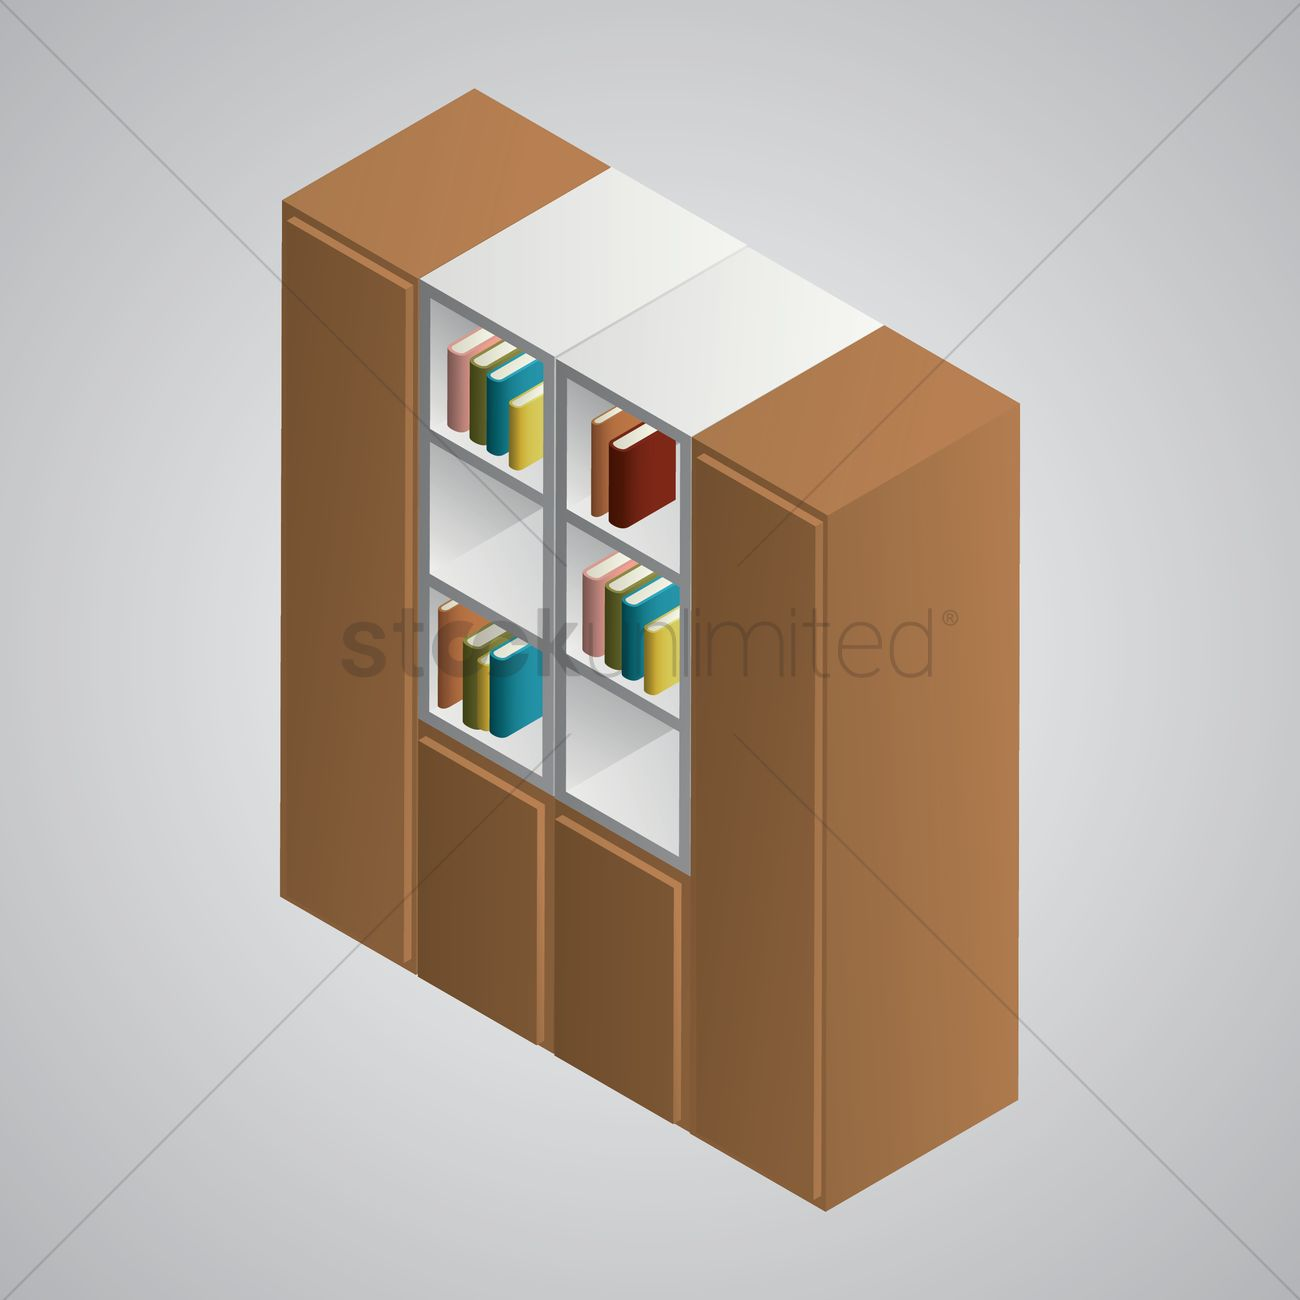 1300x1300 Isometric Bookshelf Vector Image